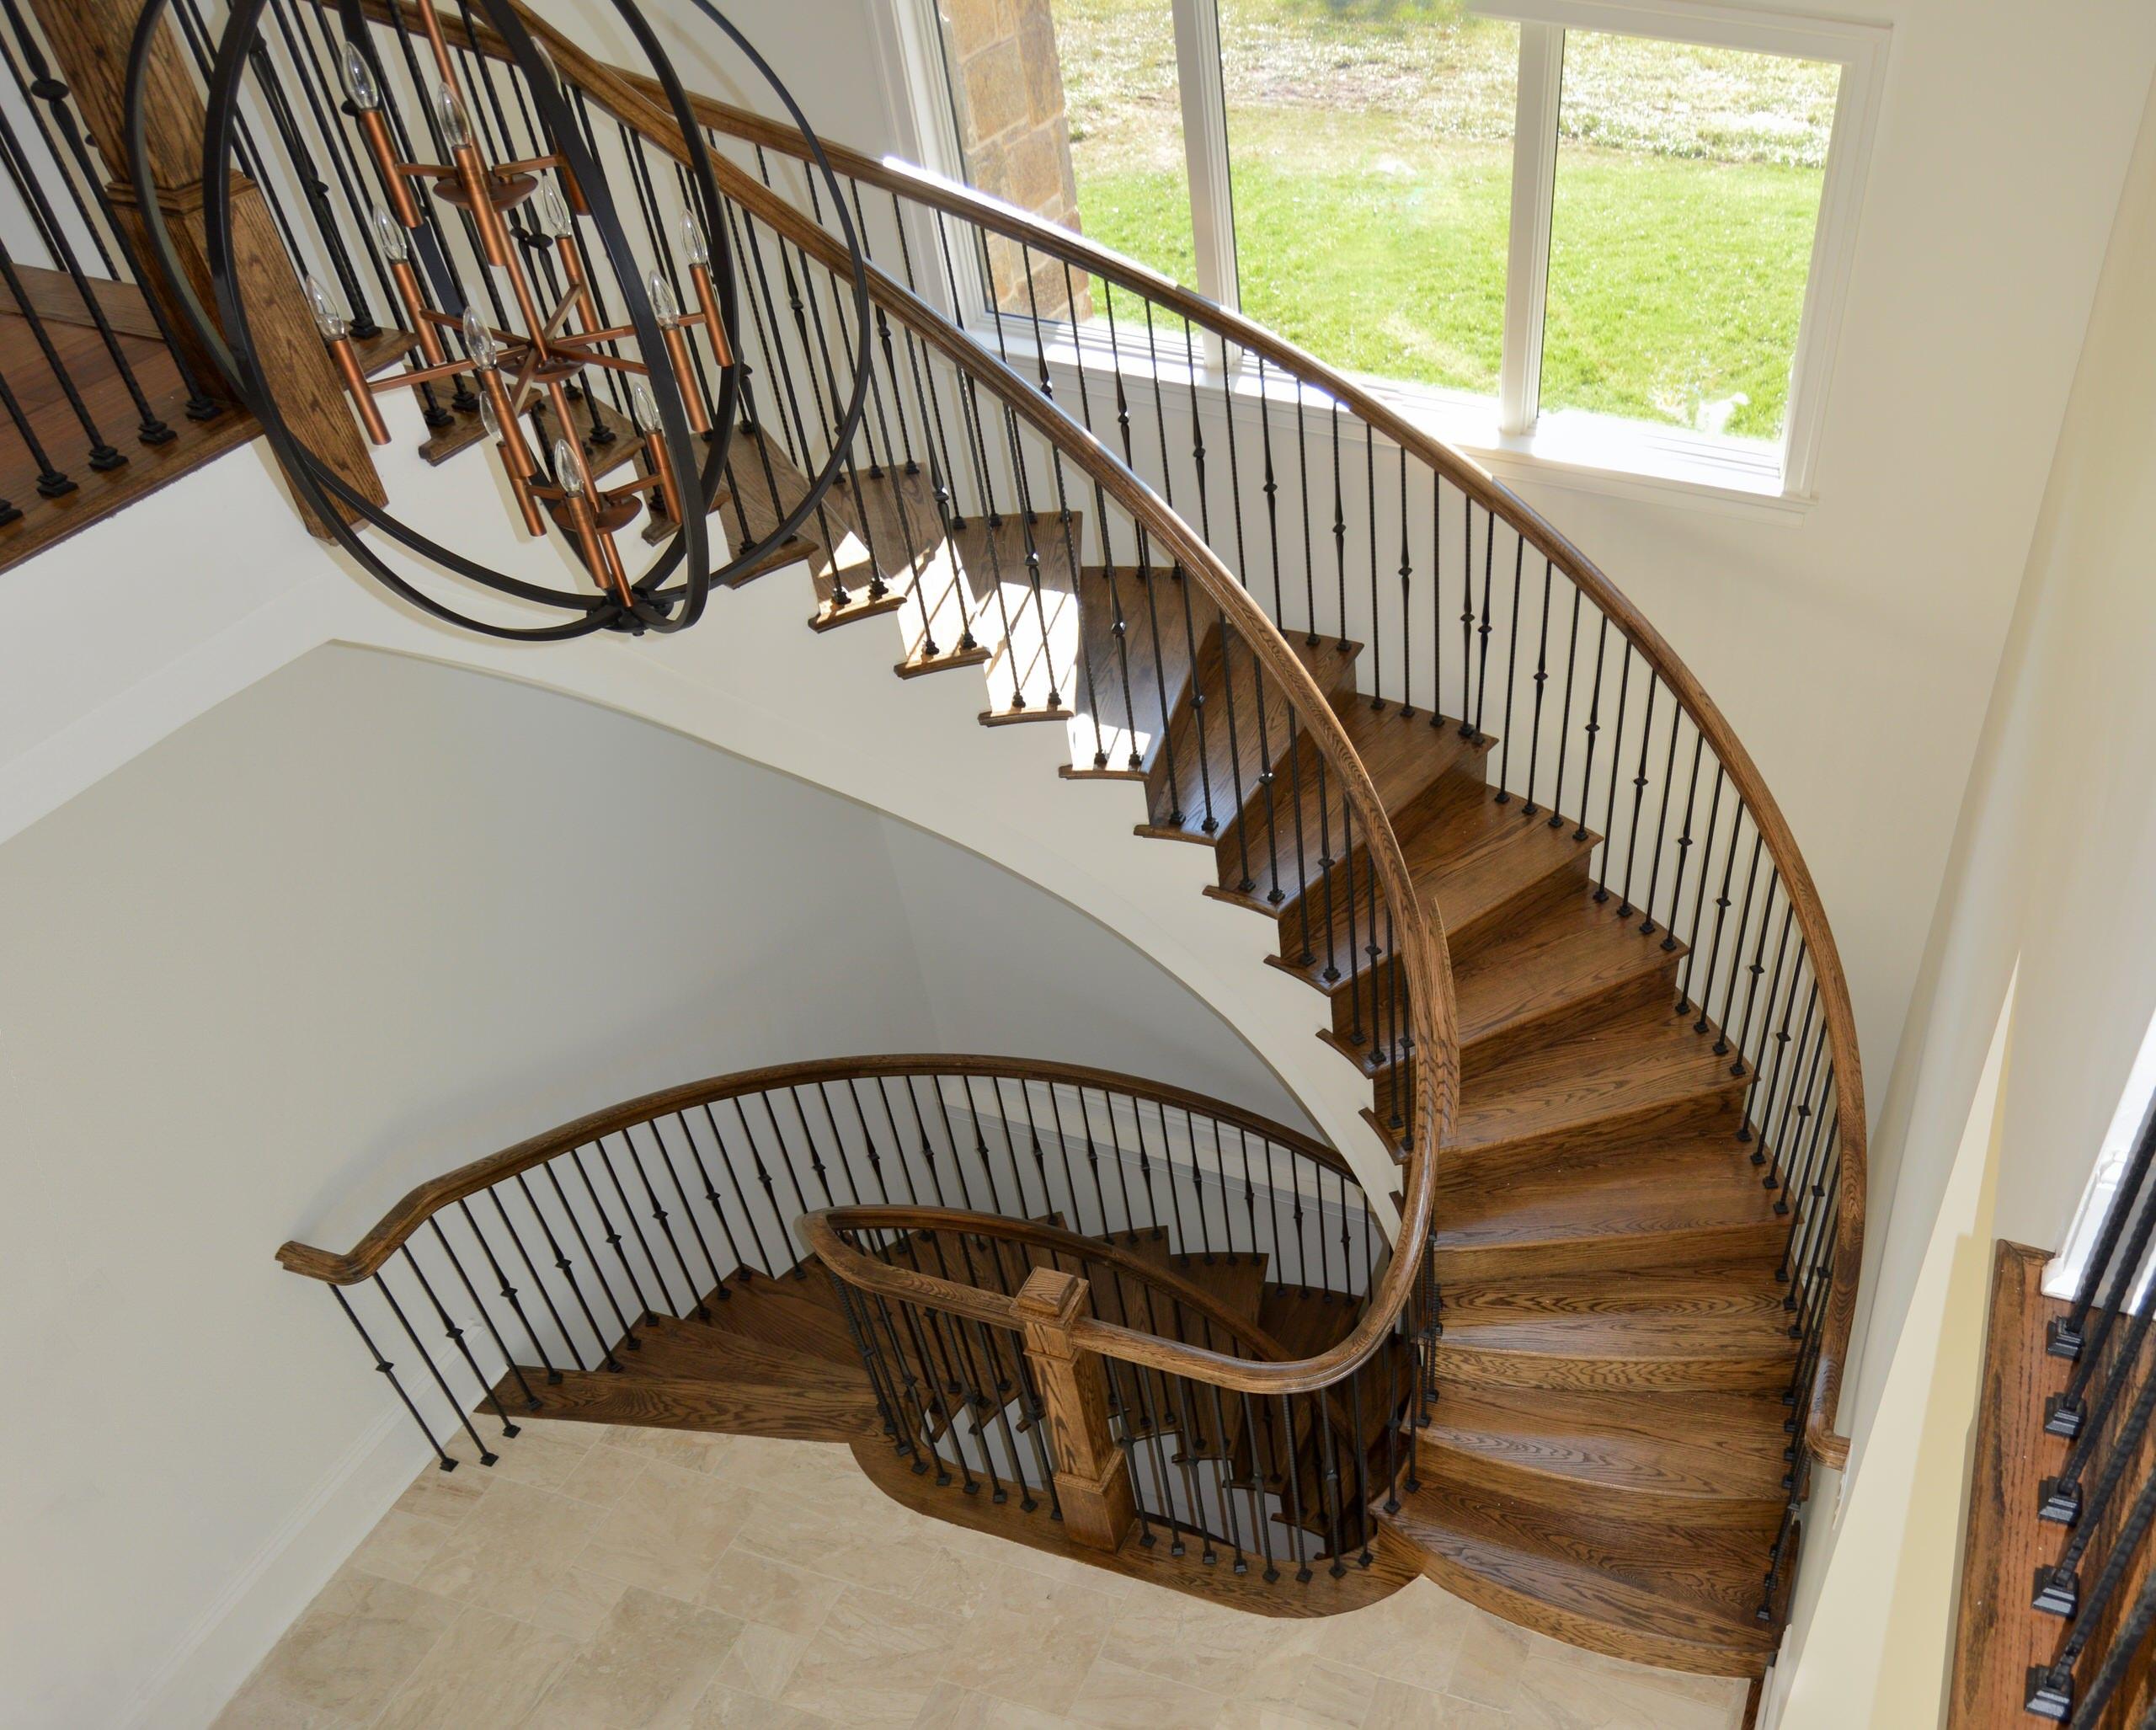 34_Elegant & Eye-Catching European Style Iron & Wooden Staircase, Leesburg VA 20